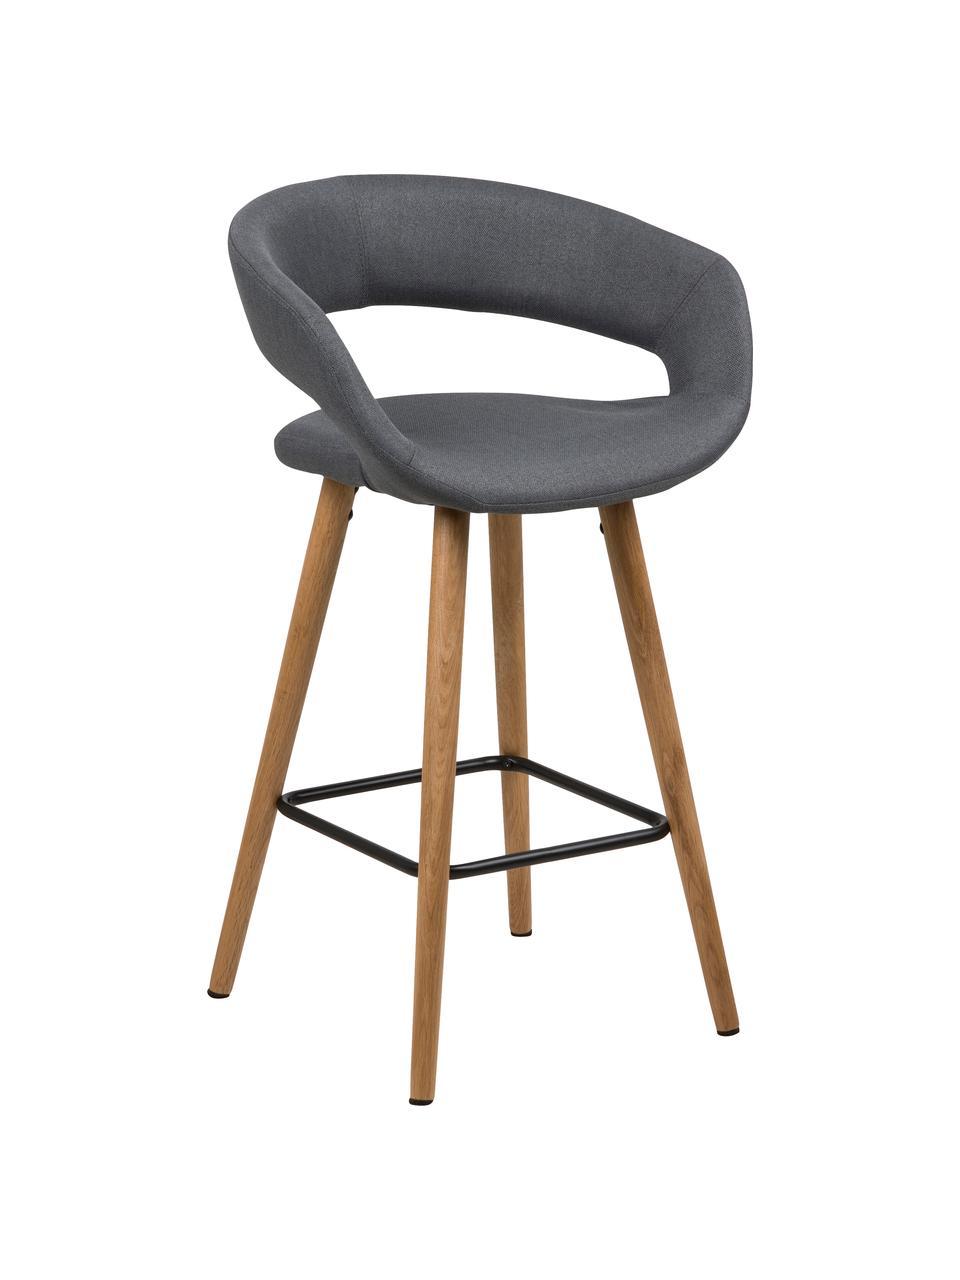 Thekenstühle Grace in Grau, 2 Stück, Bezug: Polyester, Beine: Eichenholz, geölt, Bezug: Dunkelgrau Beine: Eiche Fußstütze: Schwarz, 56 x 87 cm